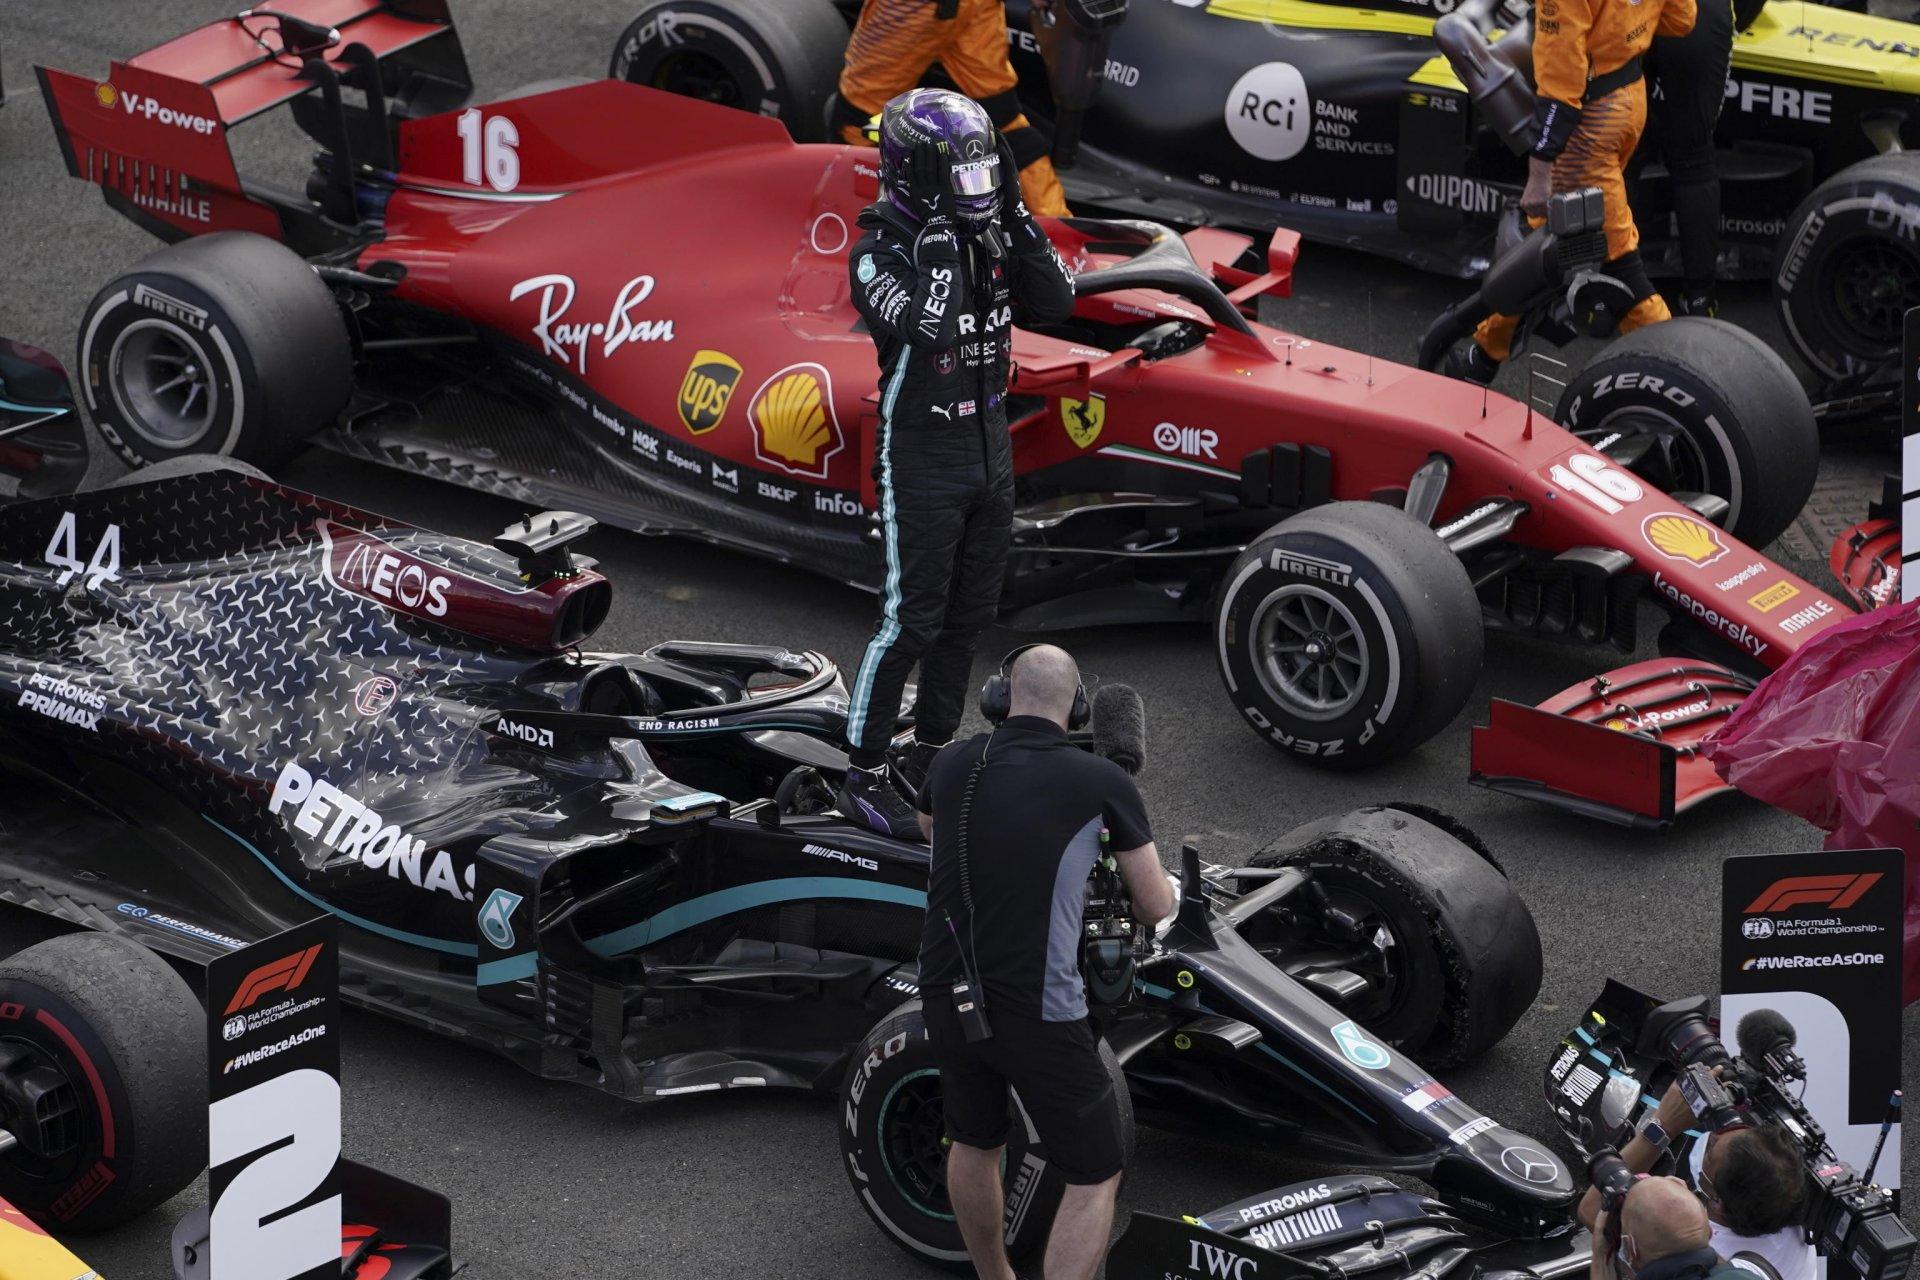 F1 70 Anniversario 2020, Prove Libere - Diretta esclusiva Sky Sport